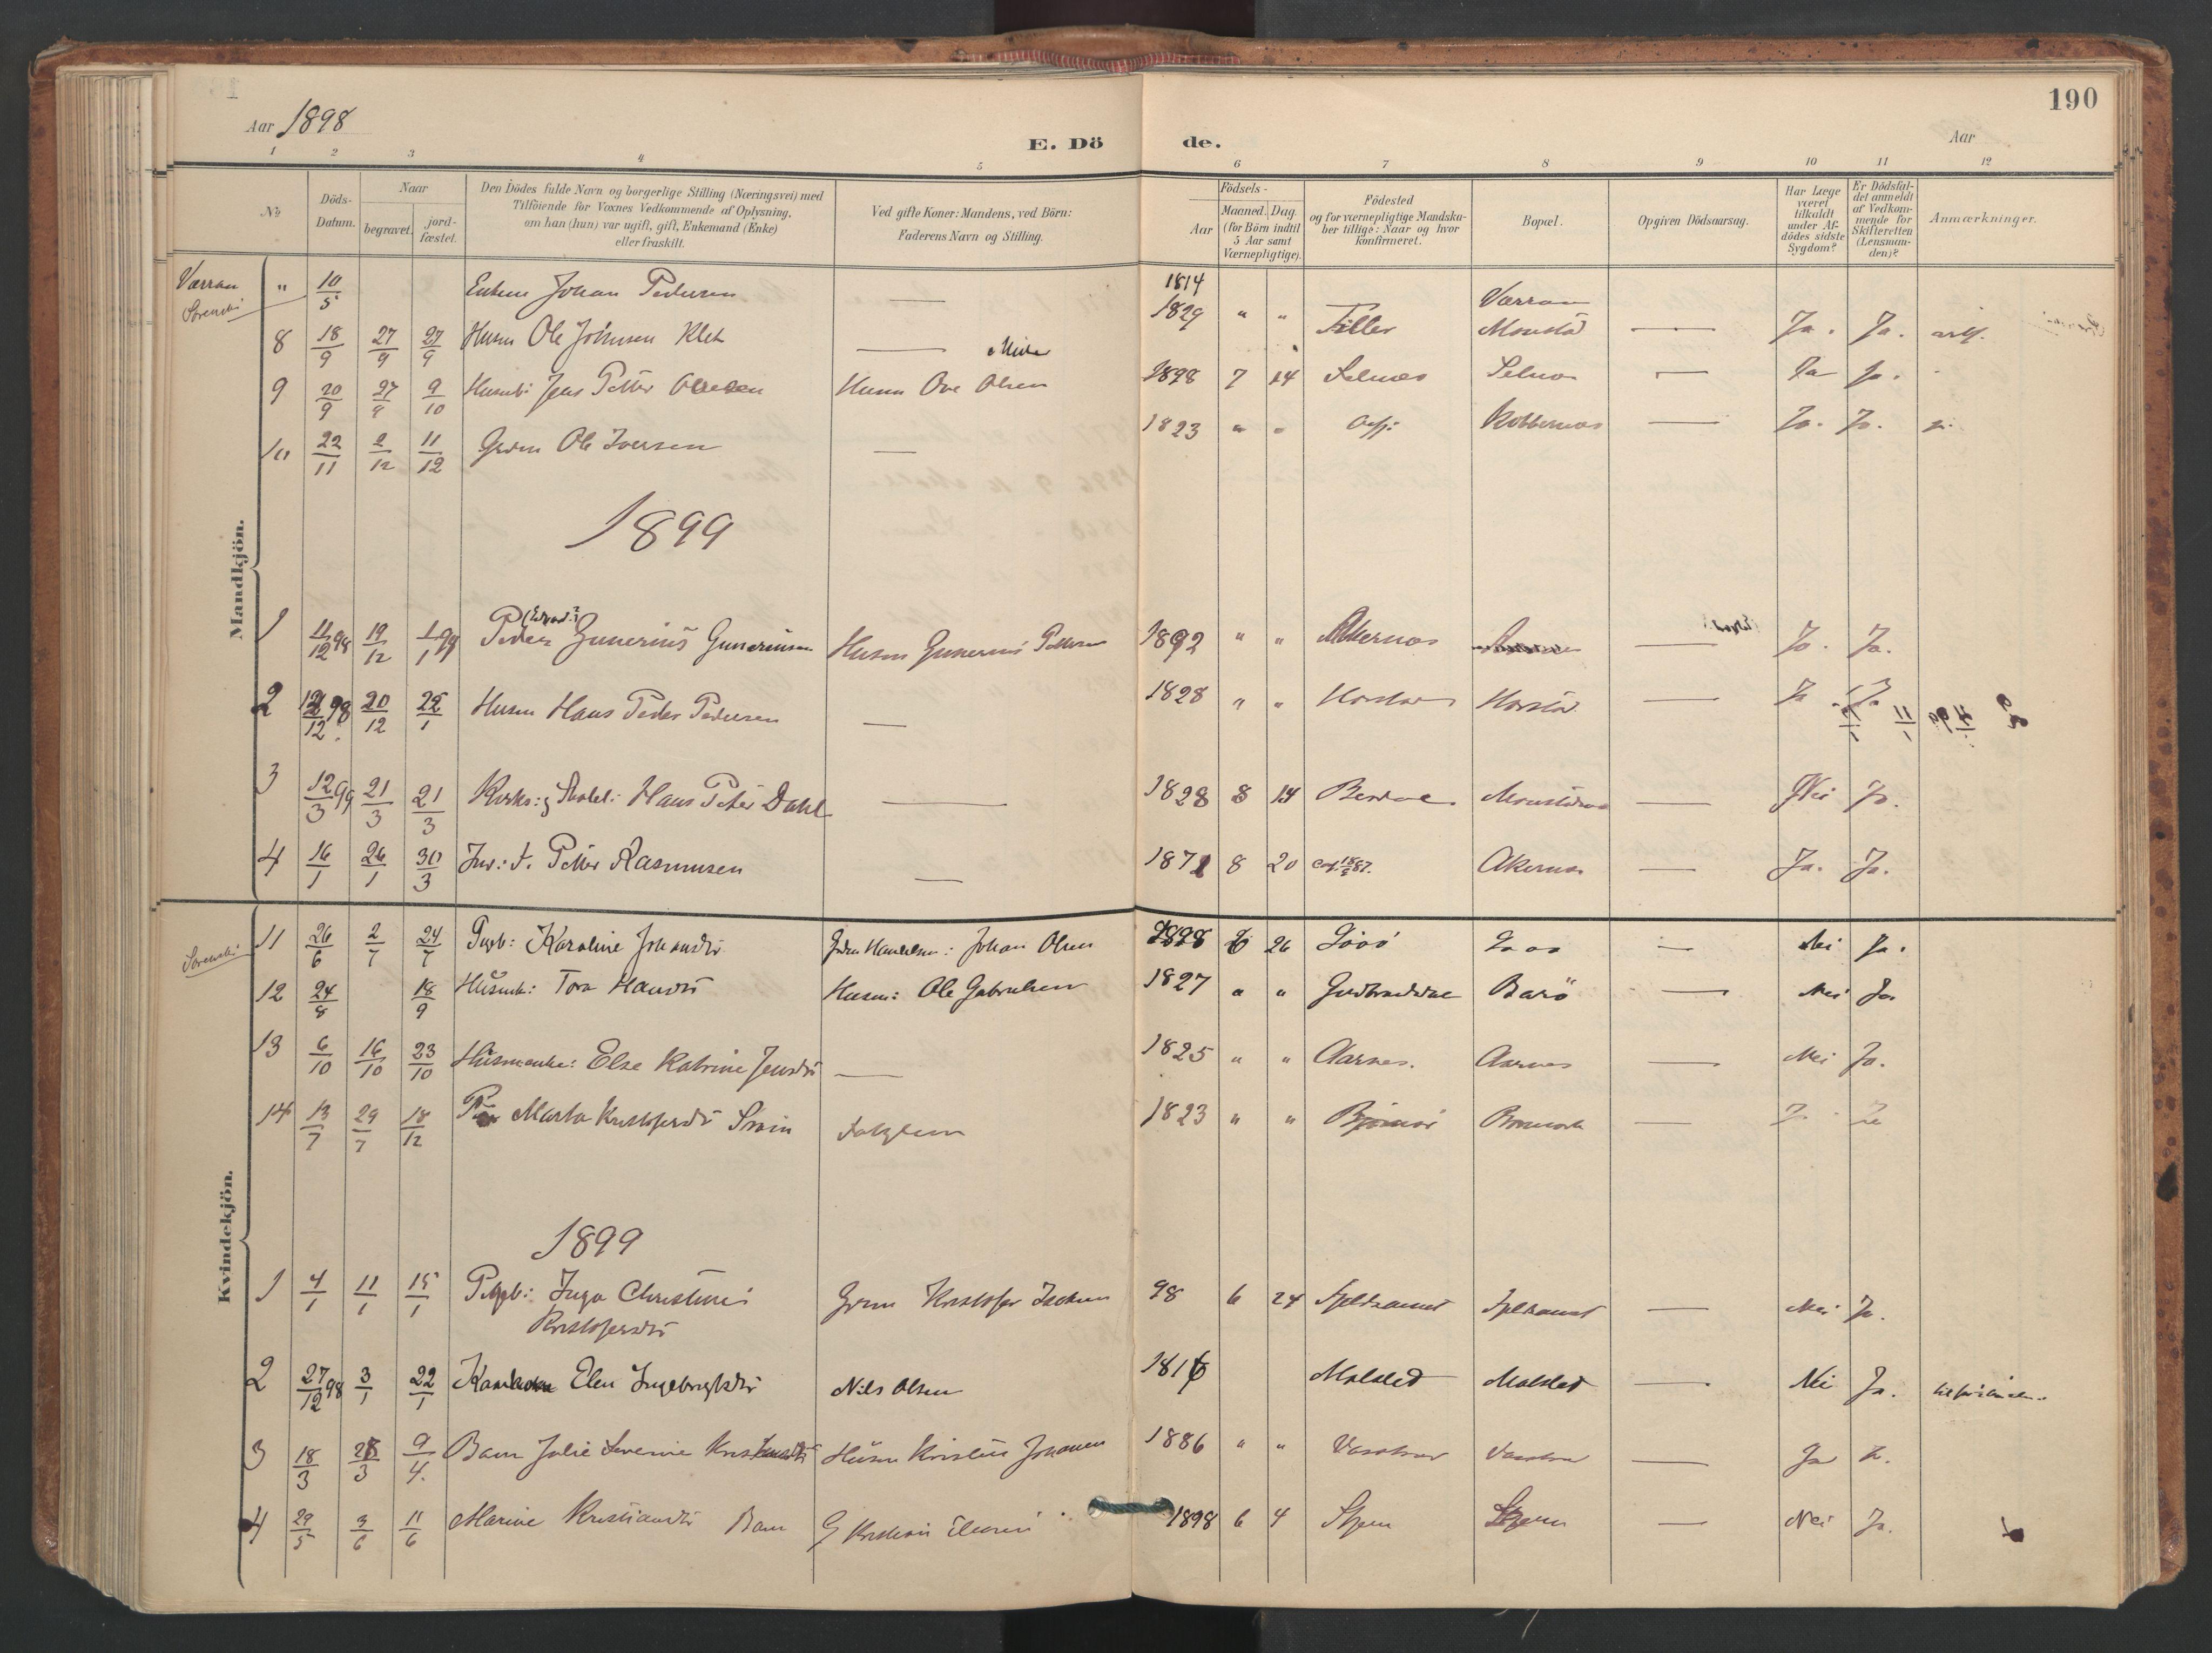 SAT, Ministerialprotokoller, klokkerbøker og fødselsregistre - Sør-Trøndelag, 655/L0681: Ministerialbok nr. 655A10, 1895-1907, s. 190